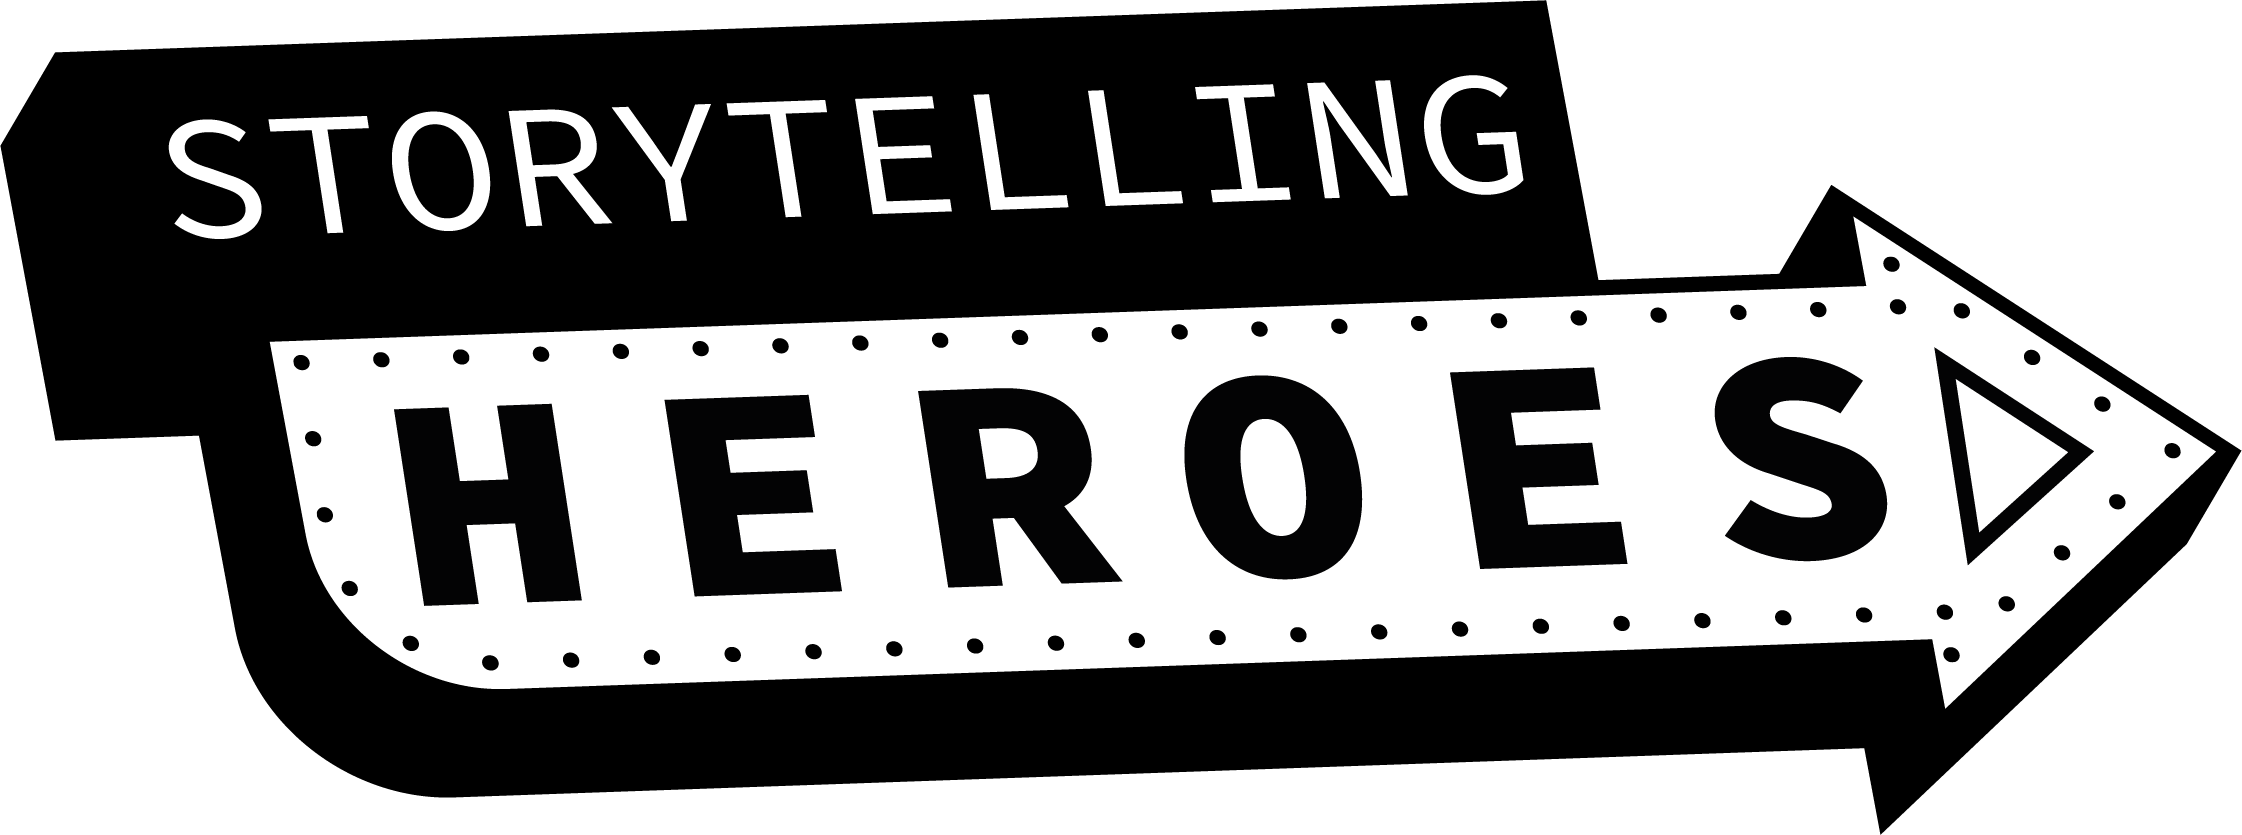 Storytelling Heroes #2 Antwerp (BE)